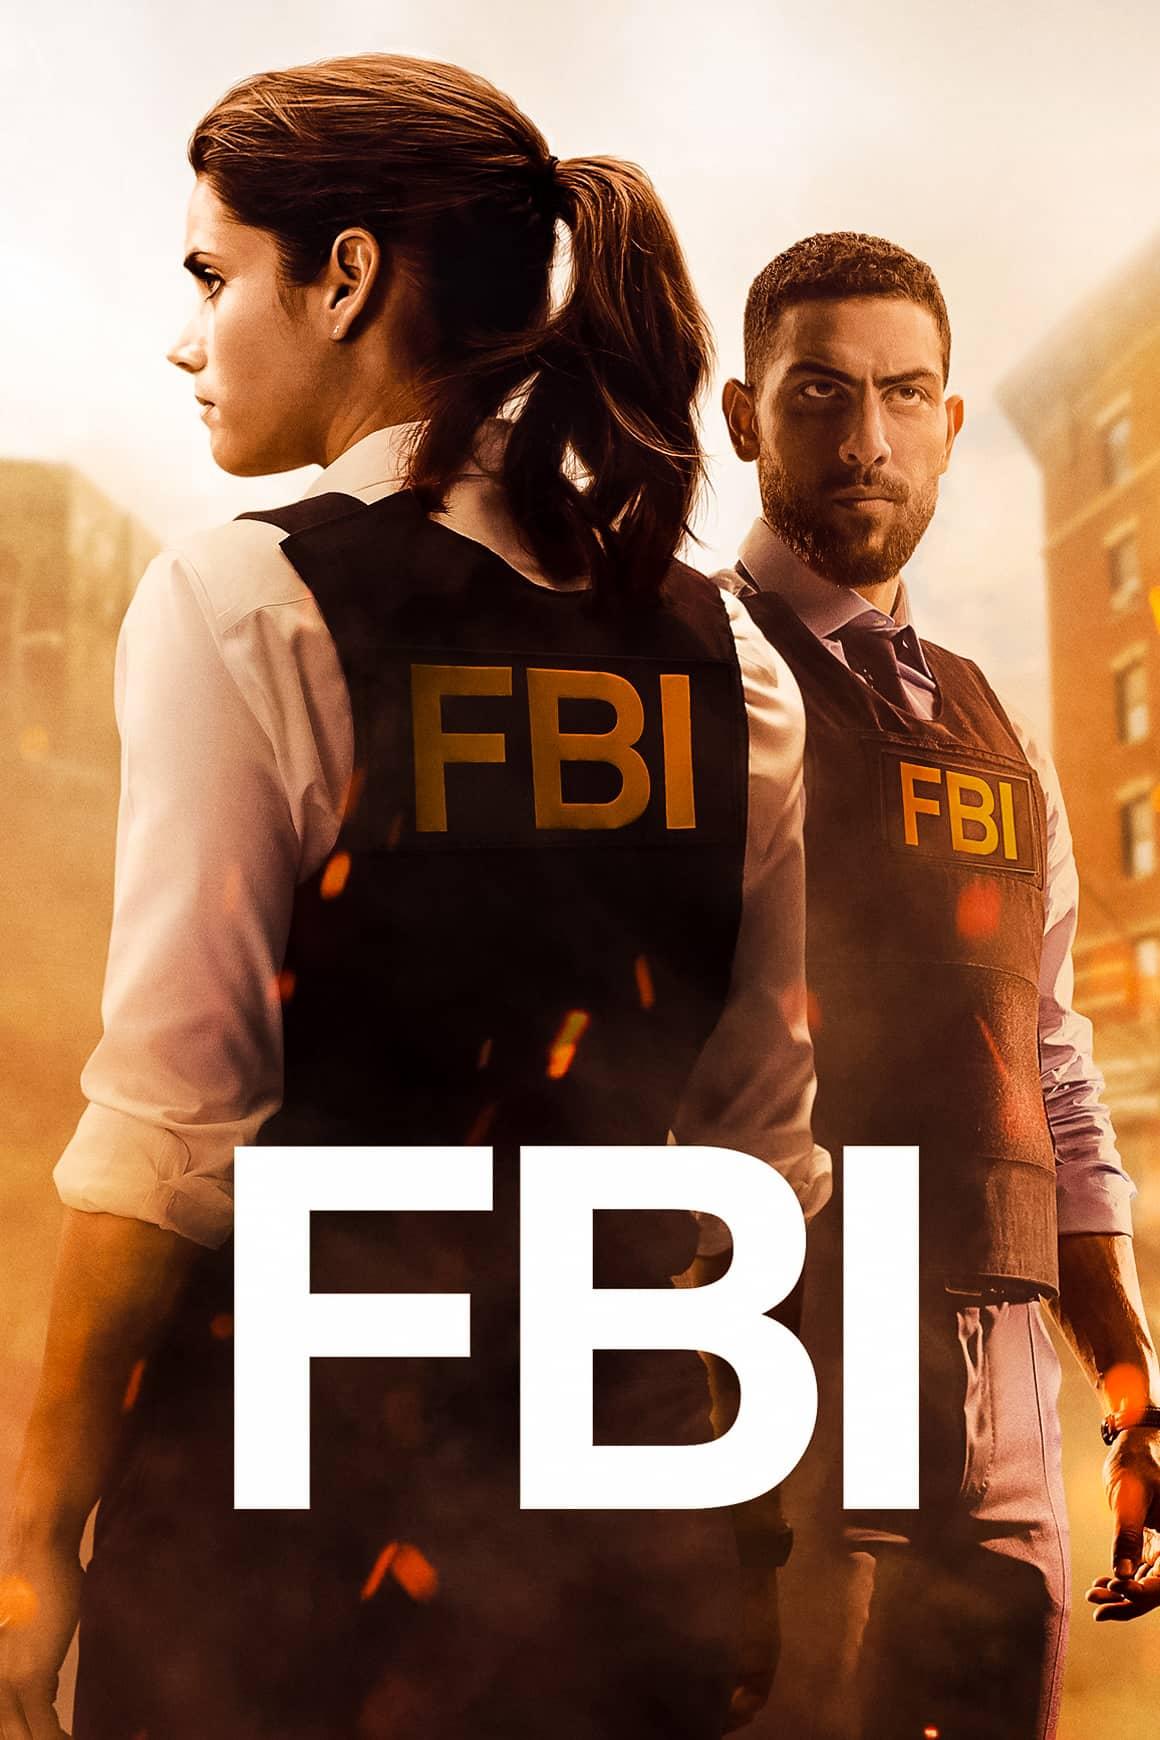 مسلسل FBI الموسم الاول الحلقة 5 الخامسة مترجمة